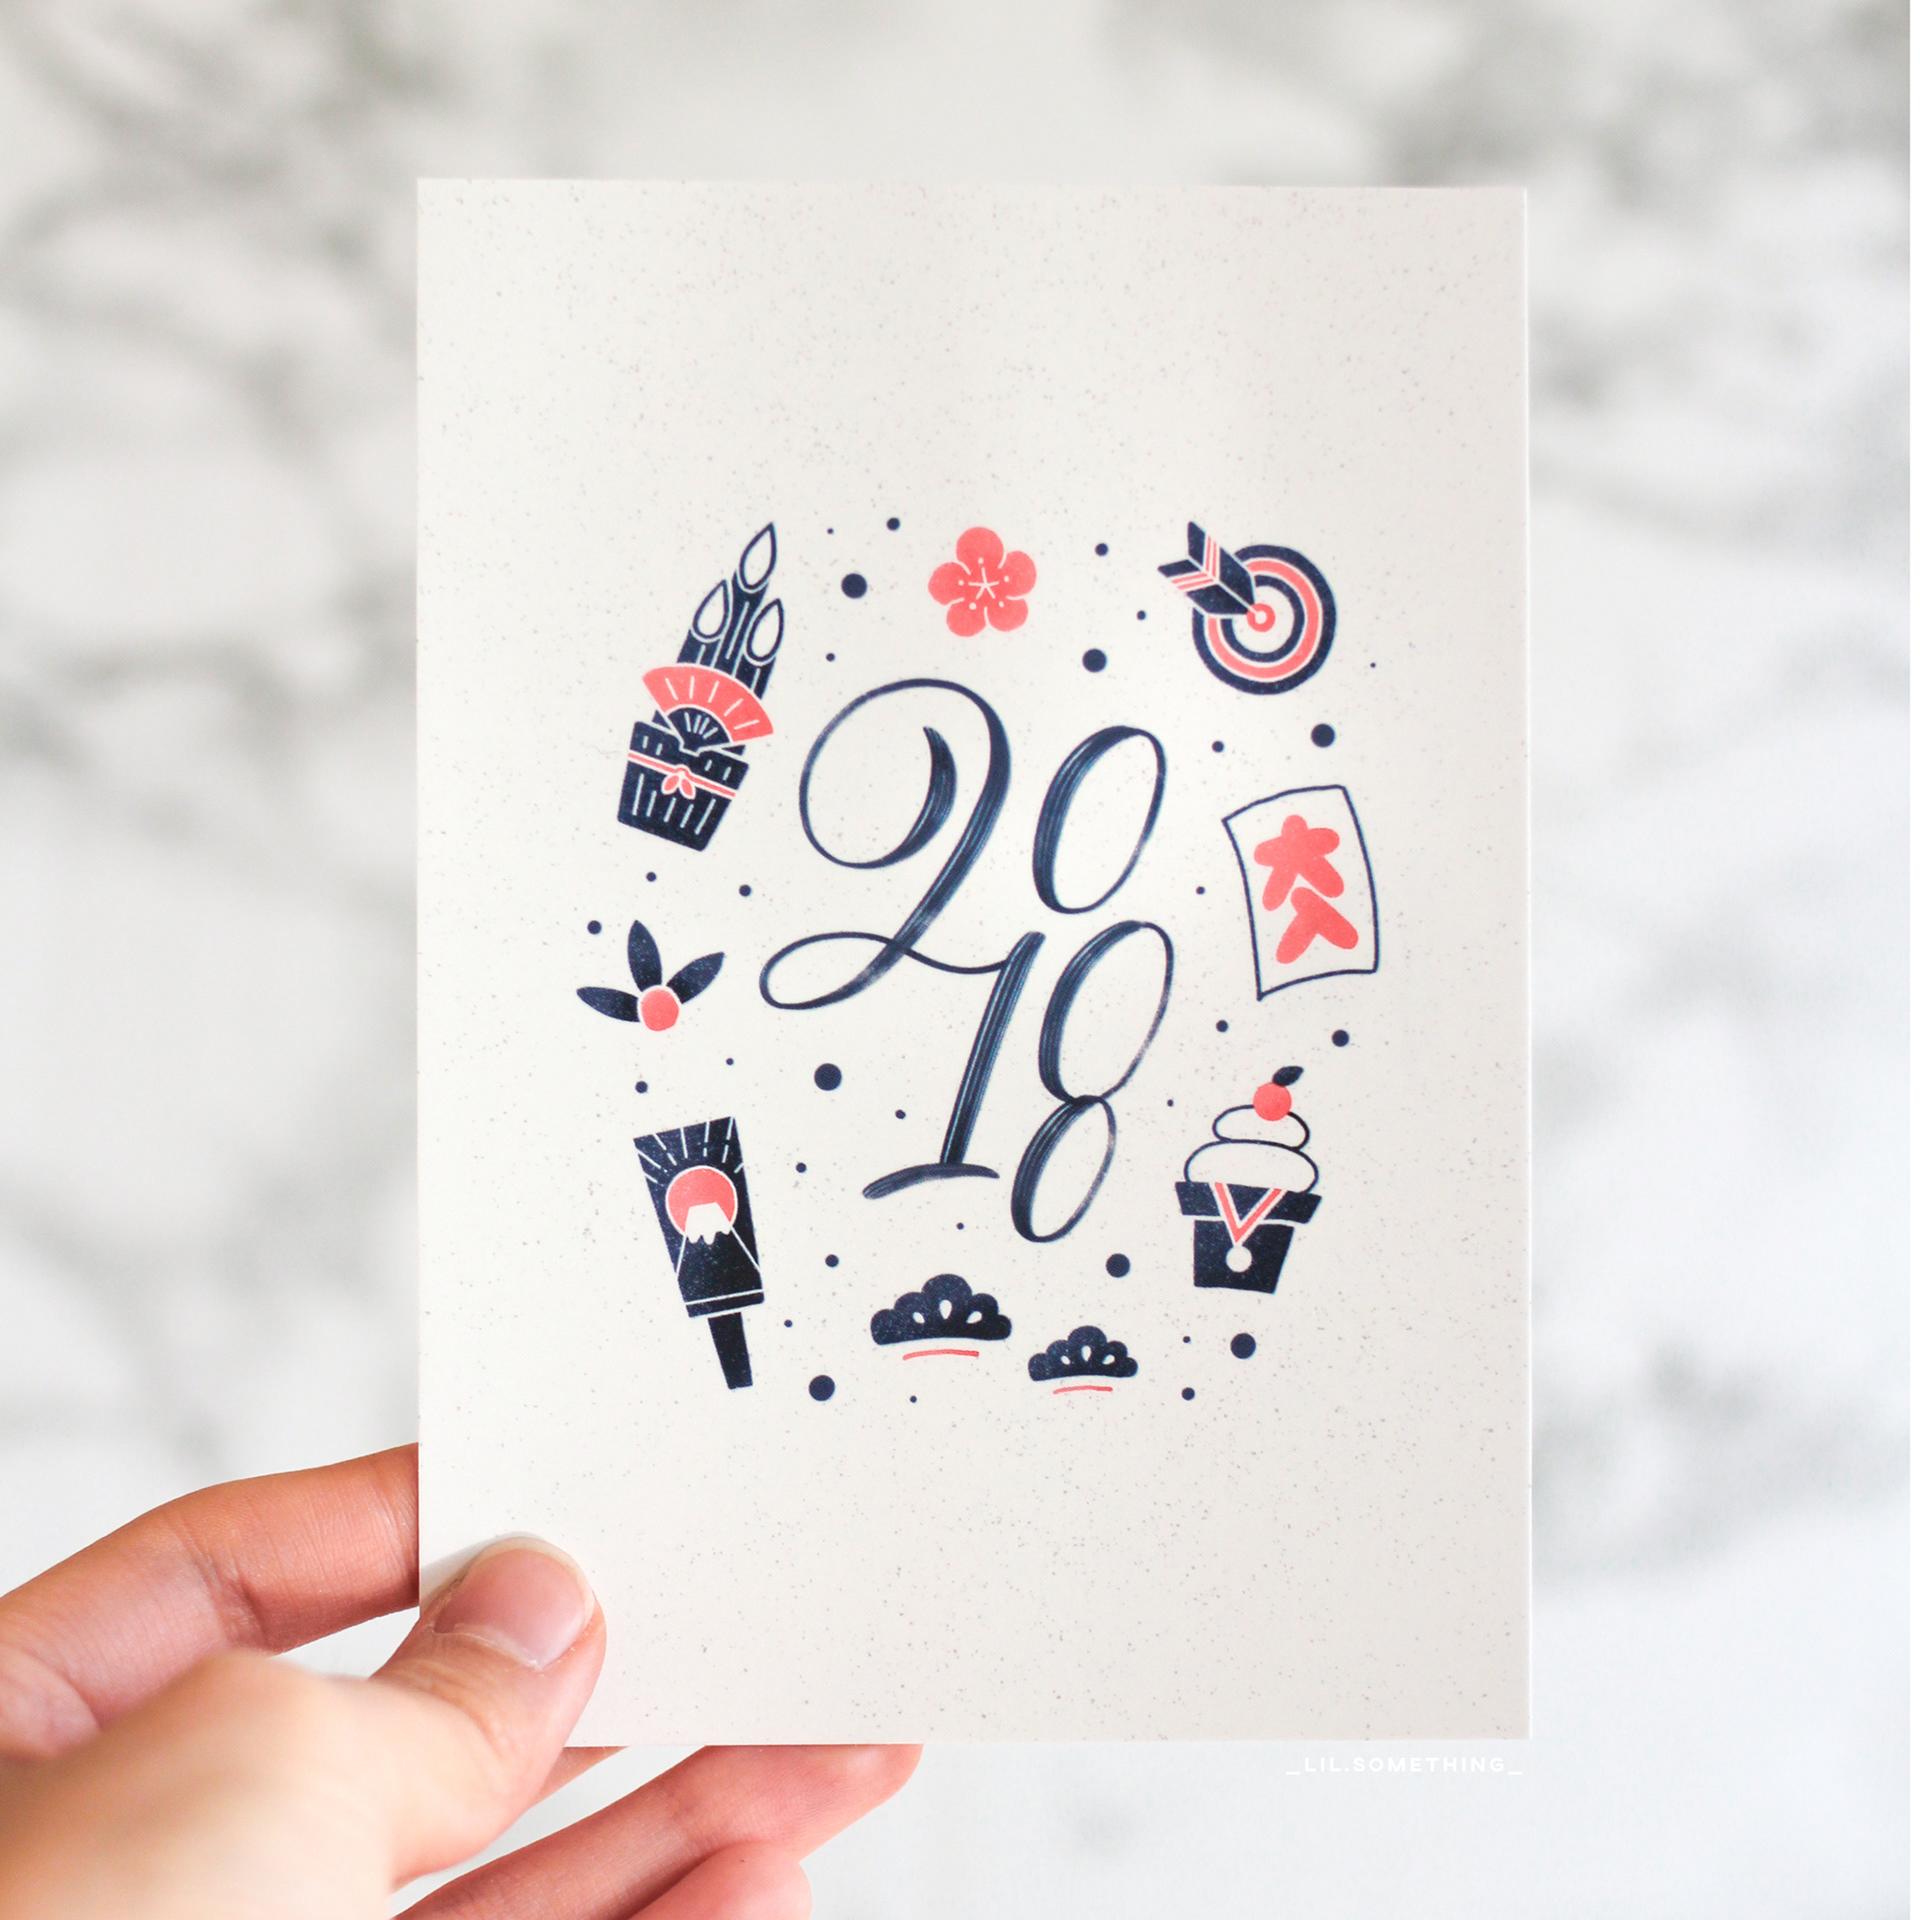 Saori kasai holiday greeting cards m4hsunfo